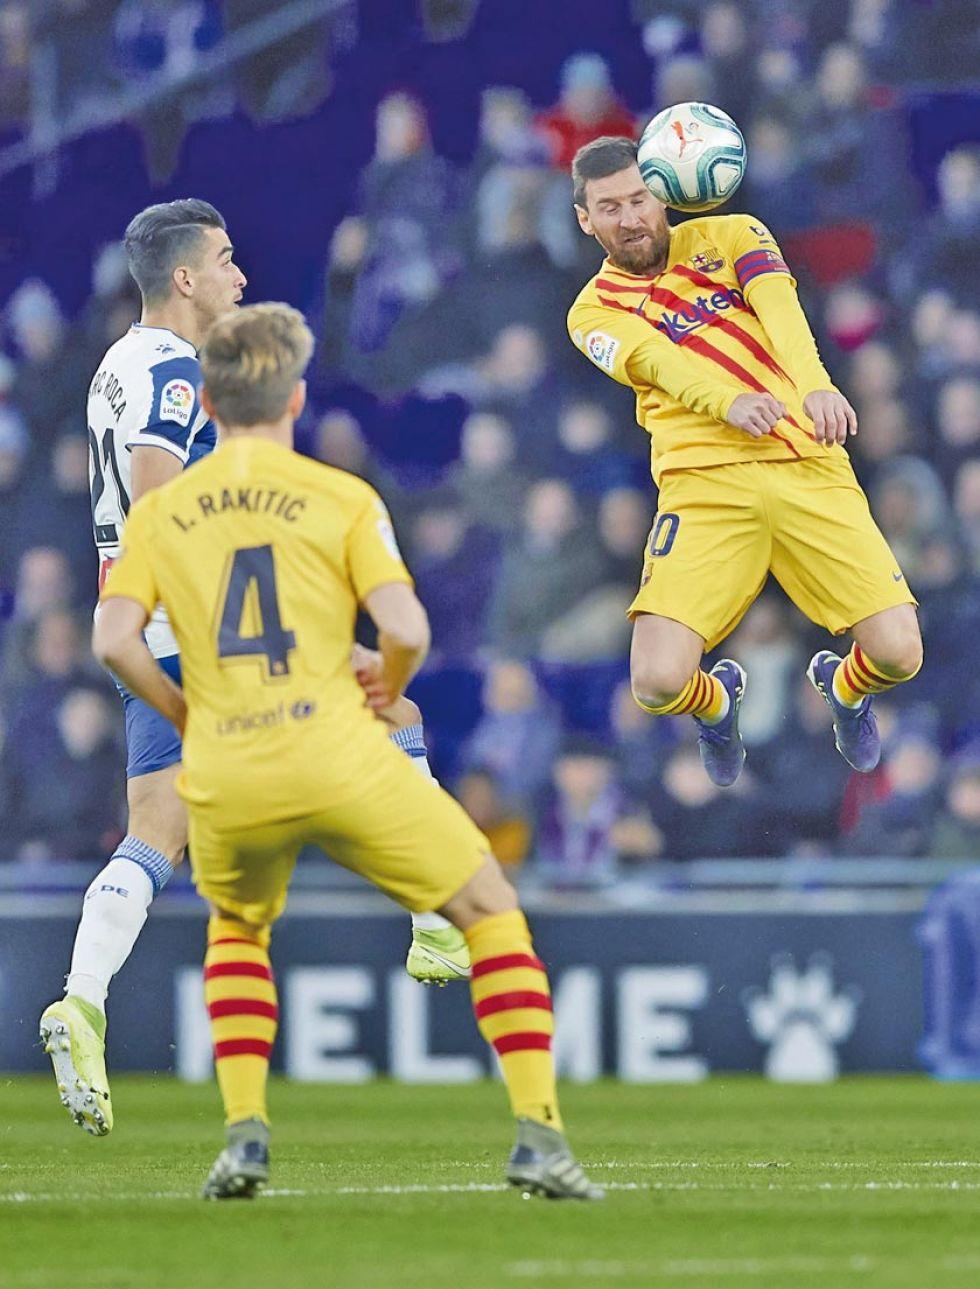 Lionel Messi, de Barza, cabecea la pelota.